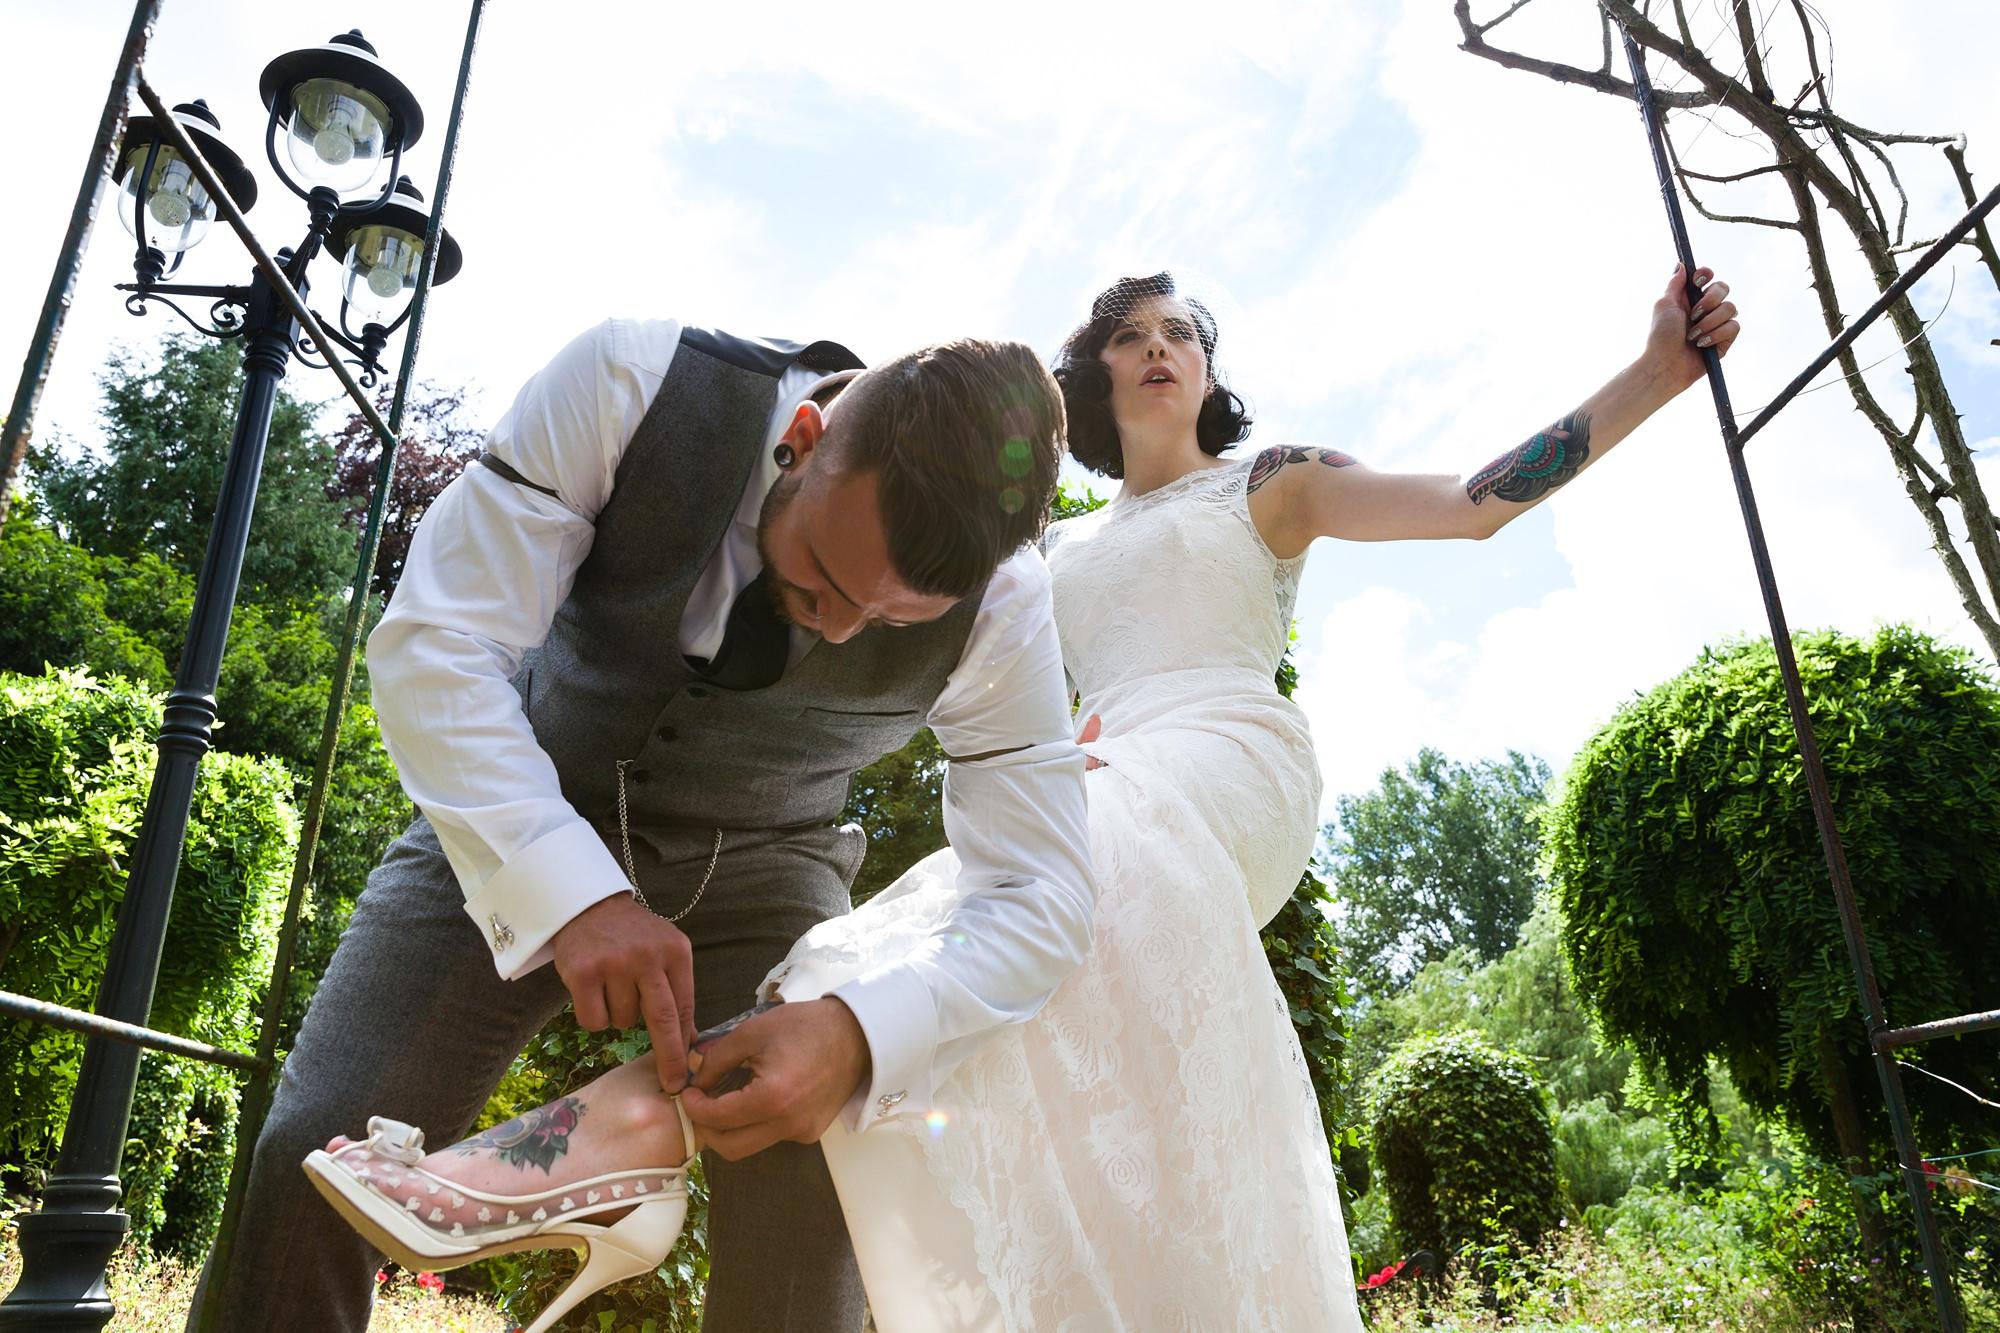 Groom helps bride fasten her shoe